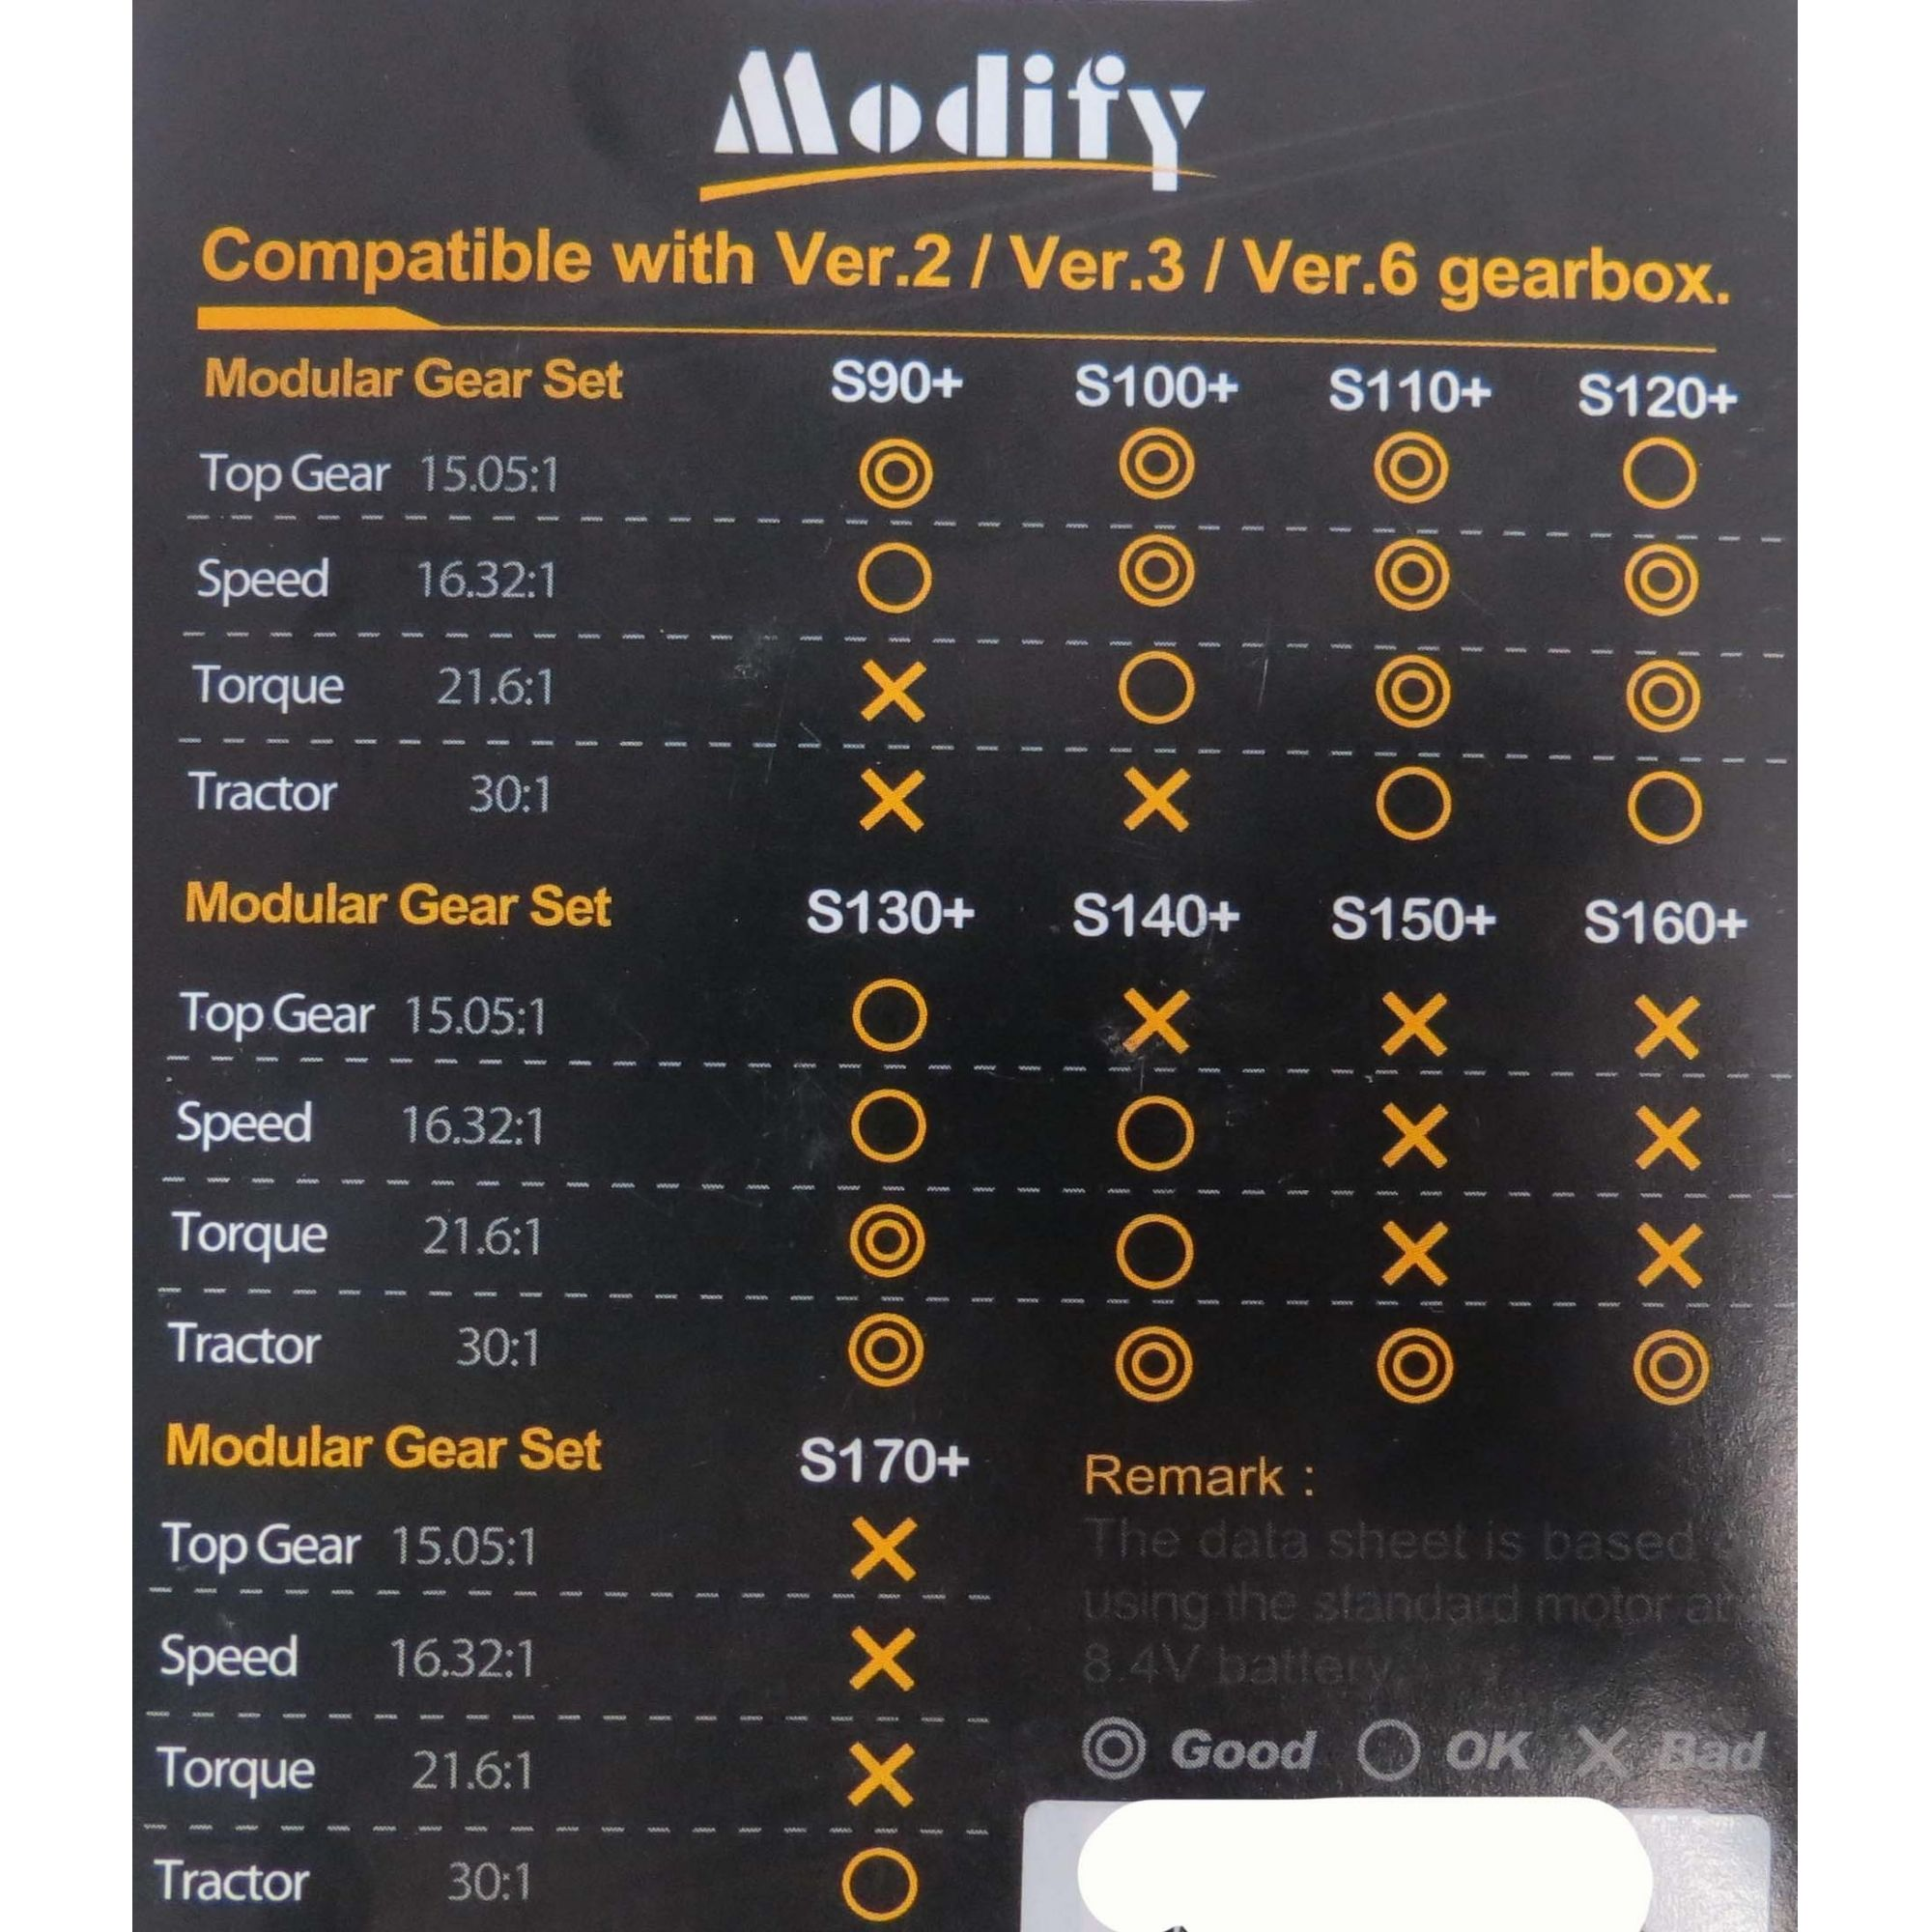 Kit de engrenagens em metal Torque 22.2:1 (V2 / V3 / V6 - Modify  - MAB AIRSOFT